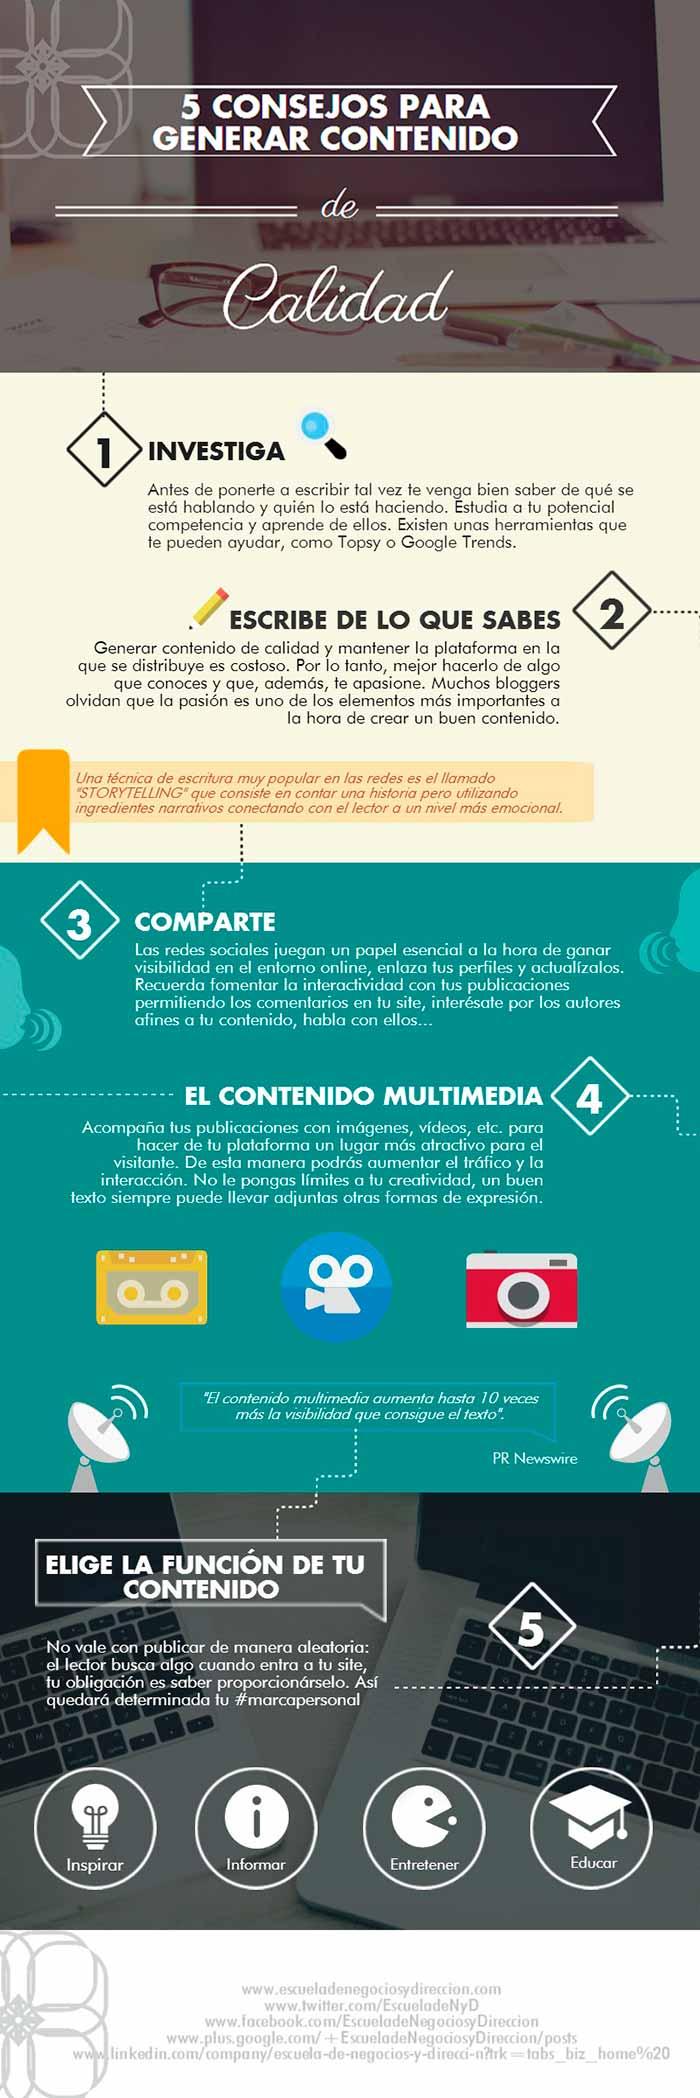 Infografia obre 5 consejos de como generar contenido de calidad